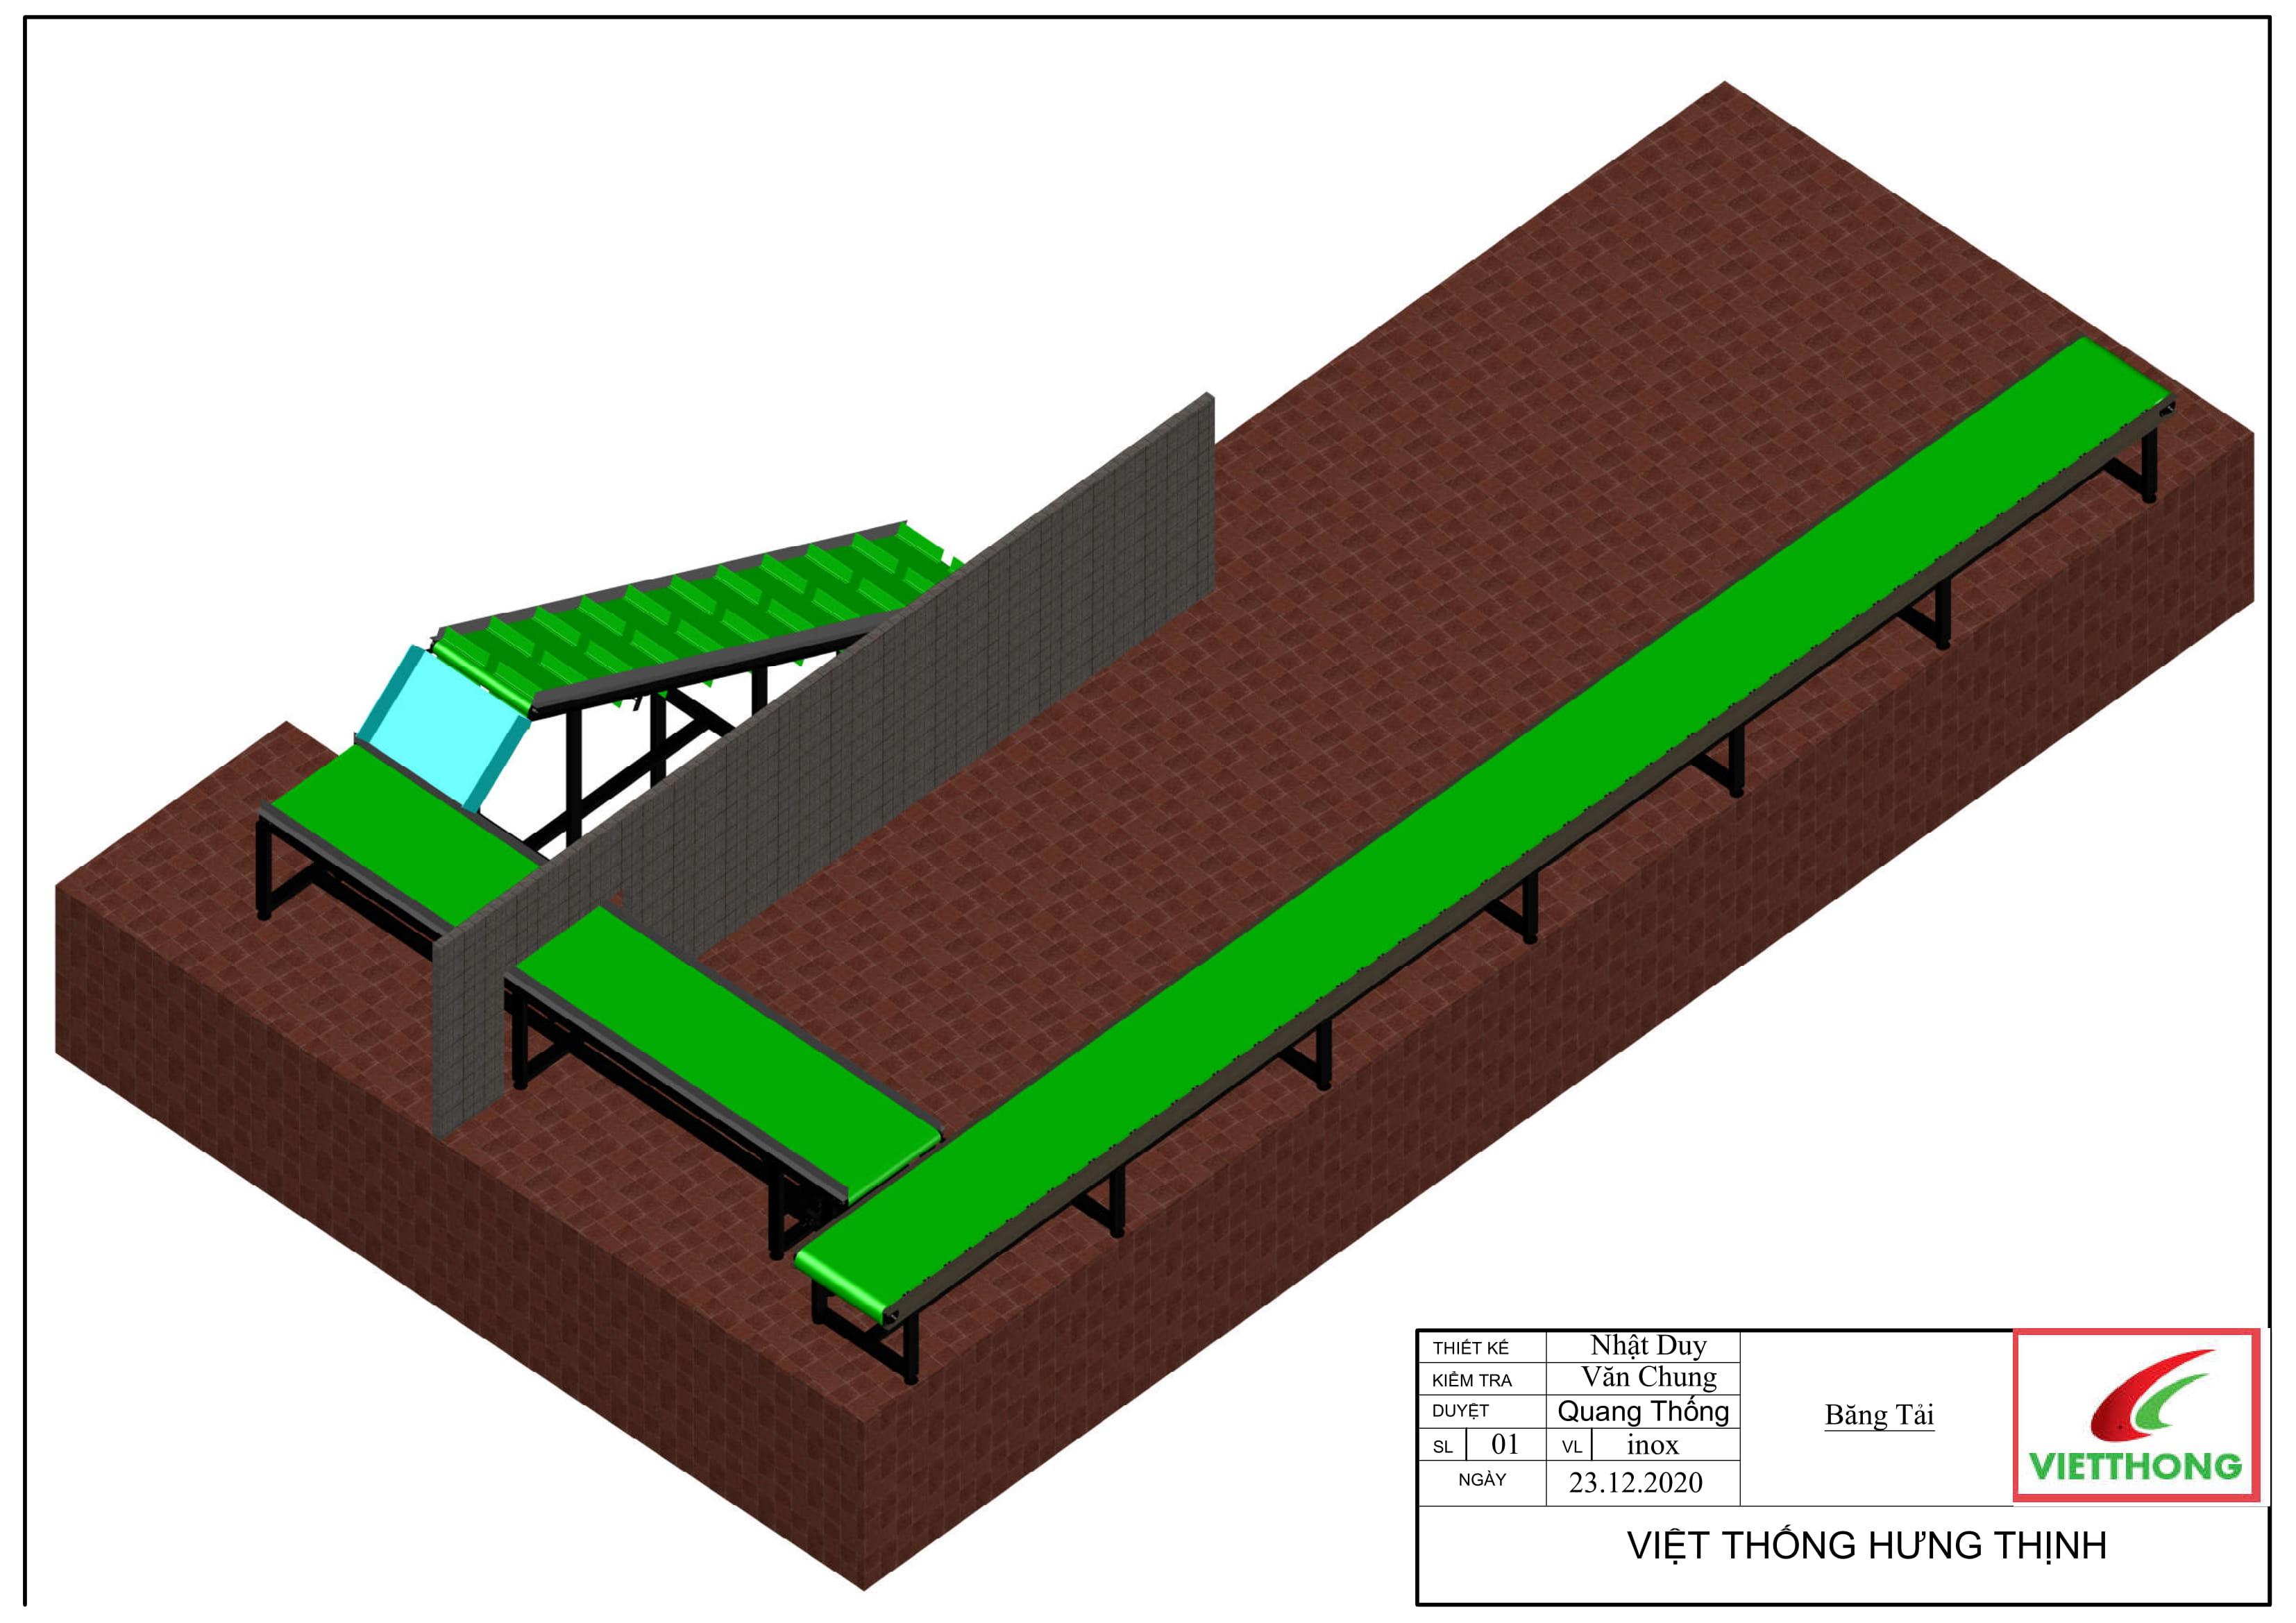 Thi công hệ thống băng tải PVC khung inox cho anh Trung